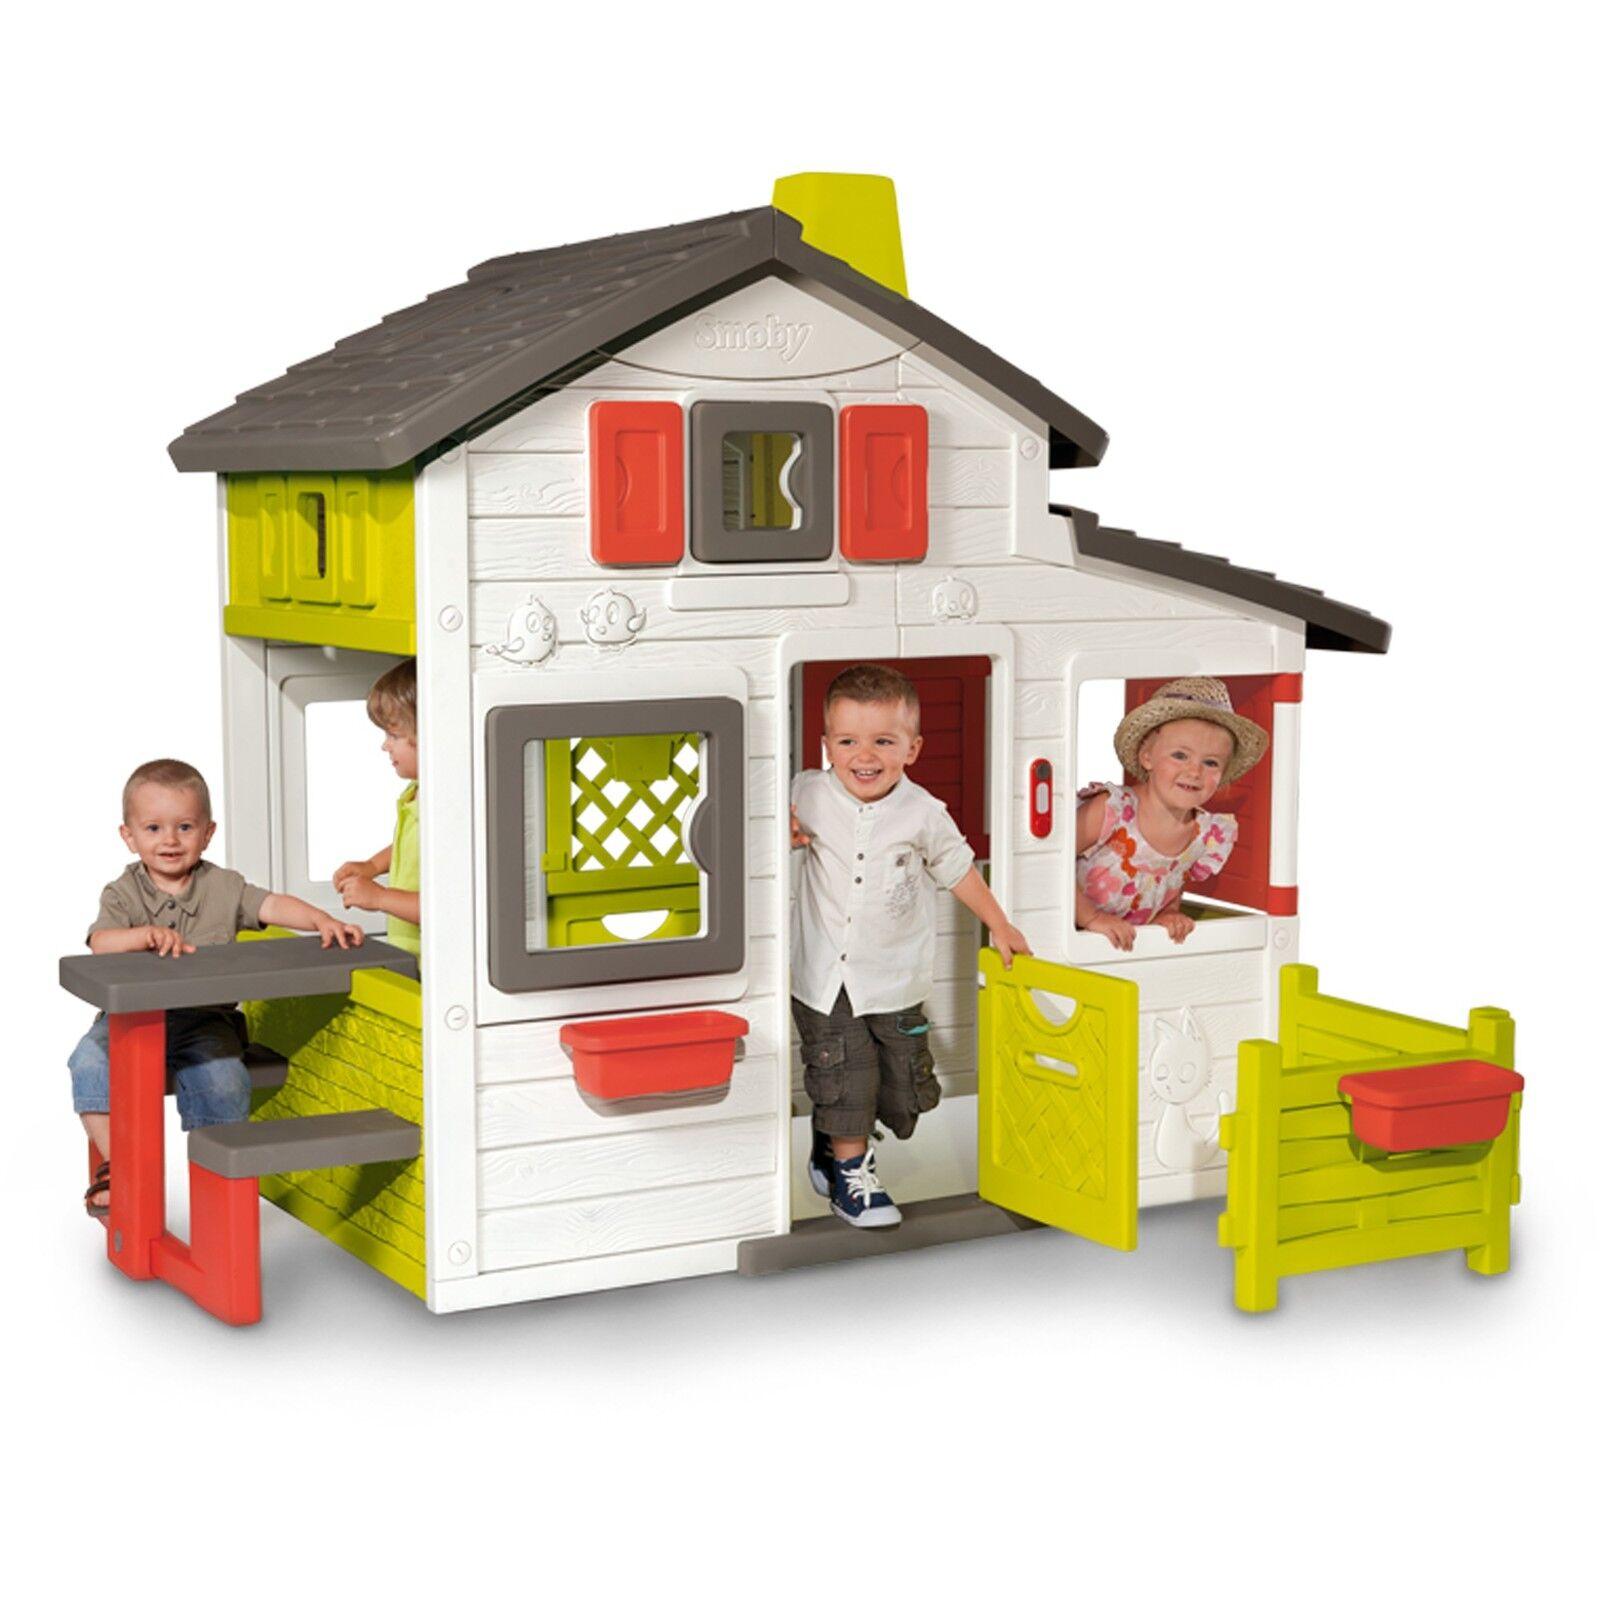 Smoby Friends House Spielhaus Gartenspielgerät weiß